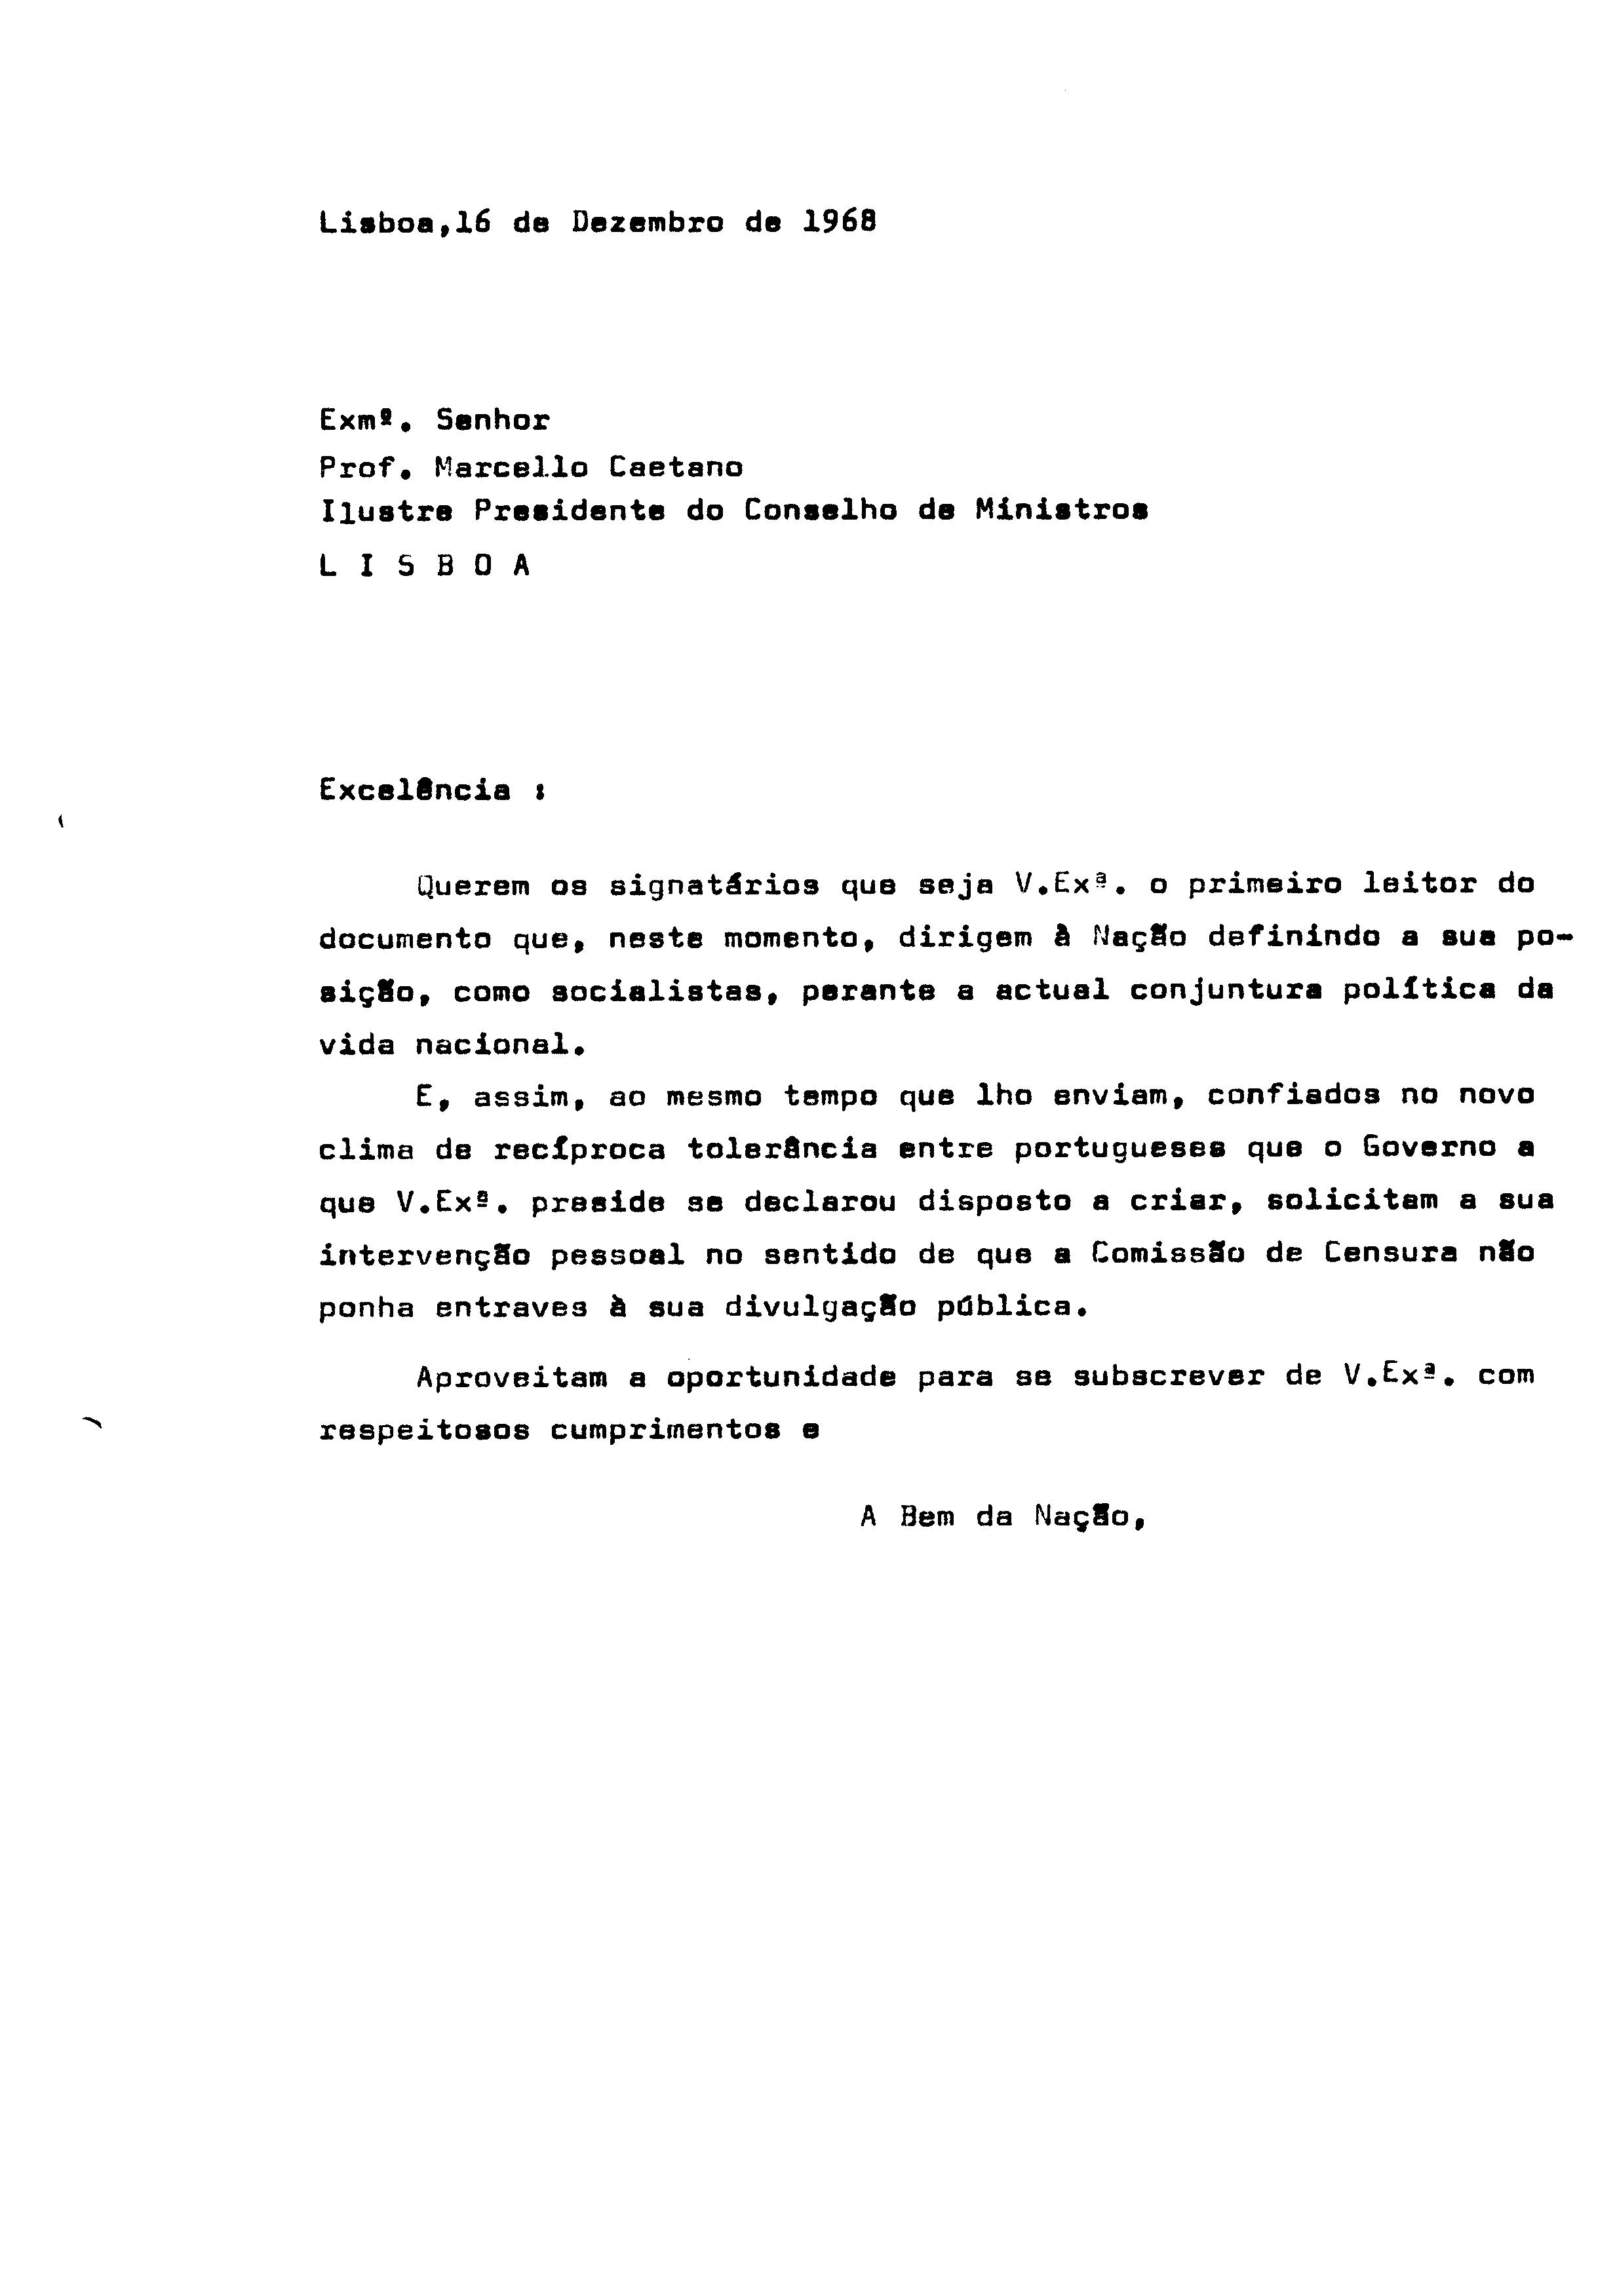 00853.007- pag.1